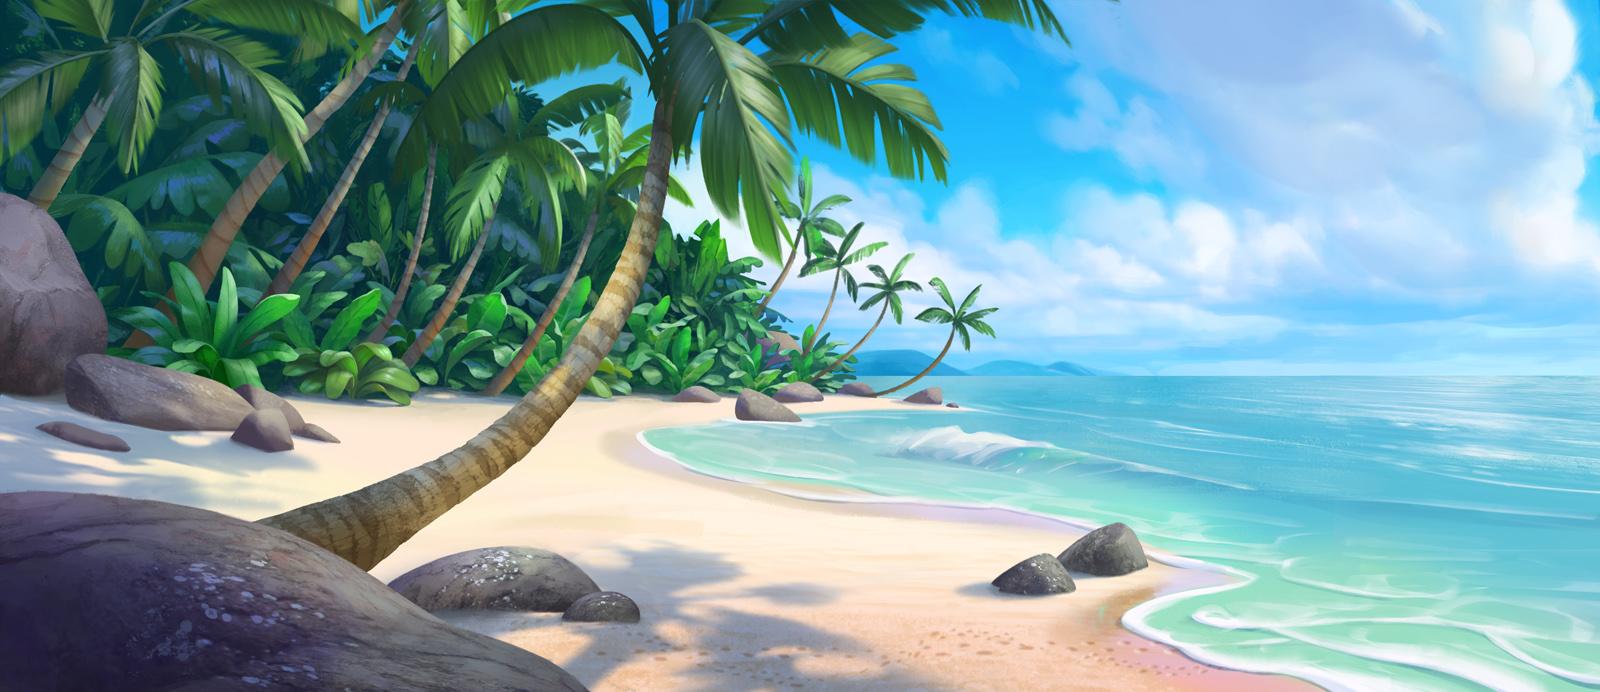 gg_beach.jpg